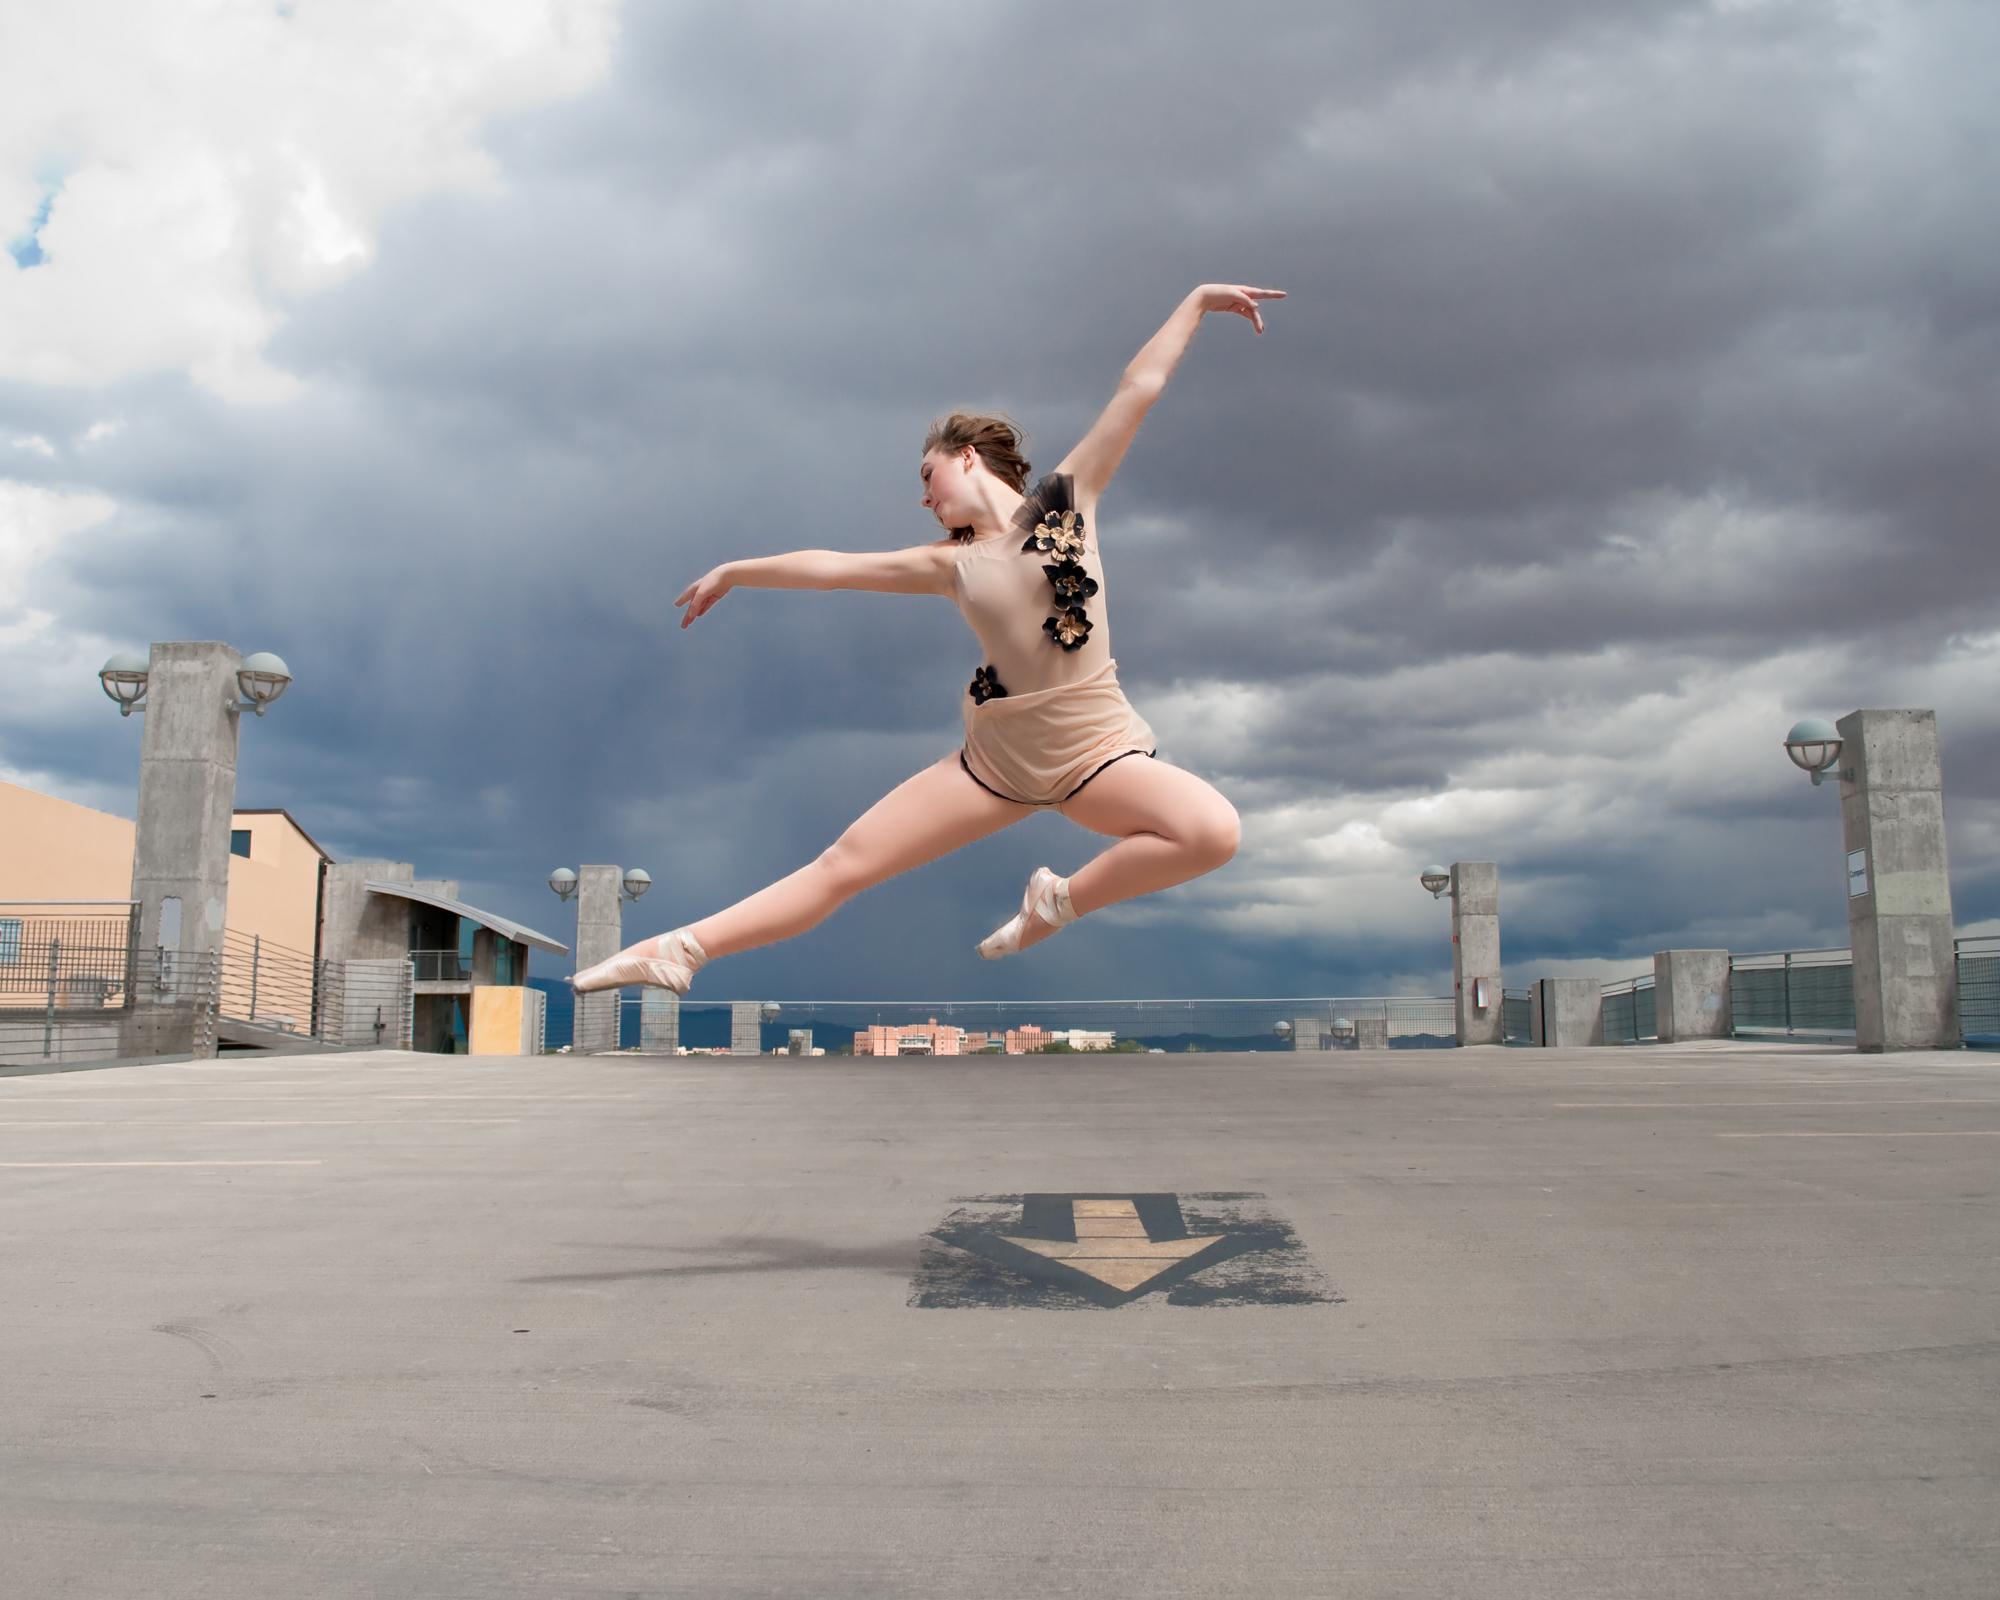 23-colorado-ballet-photographer-colorado-yoga-photographer-colorado-dance-photographer-denver-dance-photographer-denver-yoga-photographer-traveling-dance-photographerSophiaEdwards_Ballet_124-2.jpg